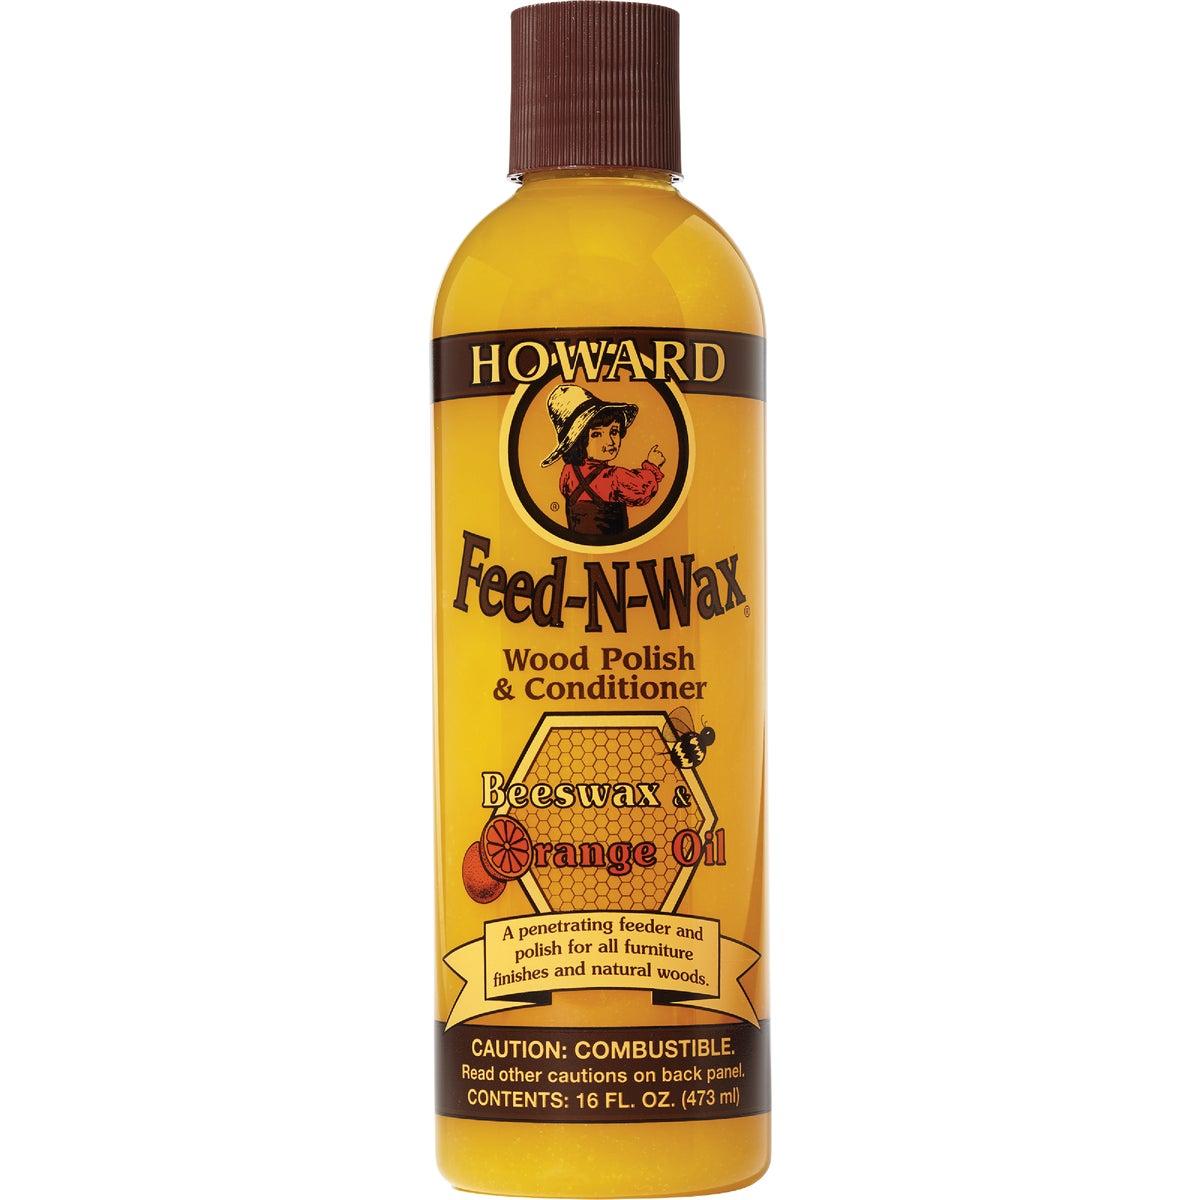 Howard Feed-N-Wax Wood Polish, FW0016